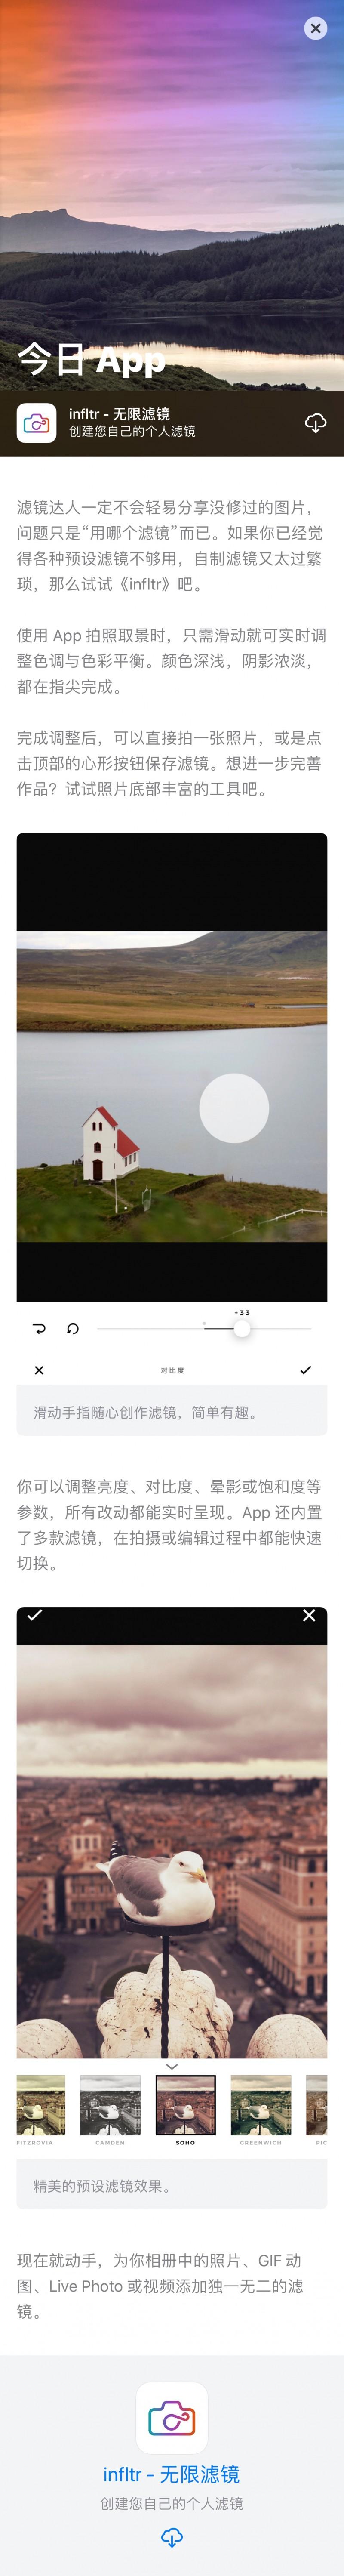 [已购]infltr – 无限滤镜-草蜢资源